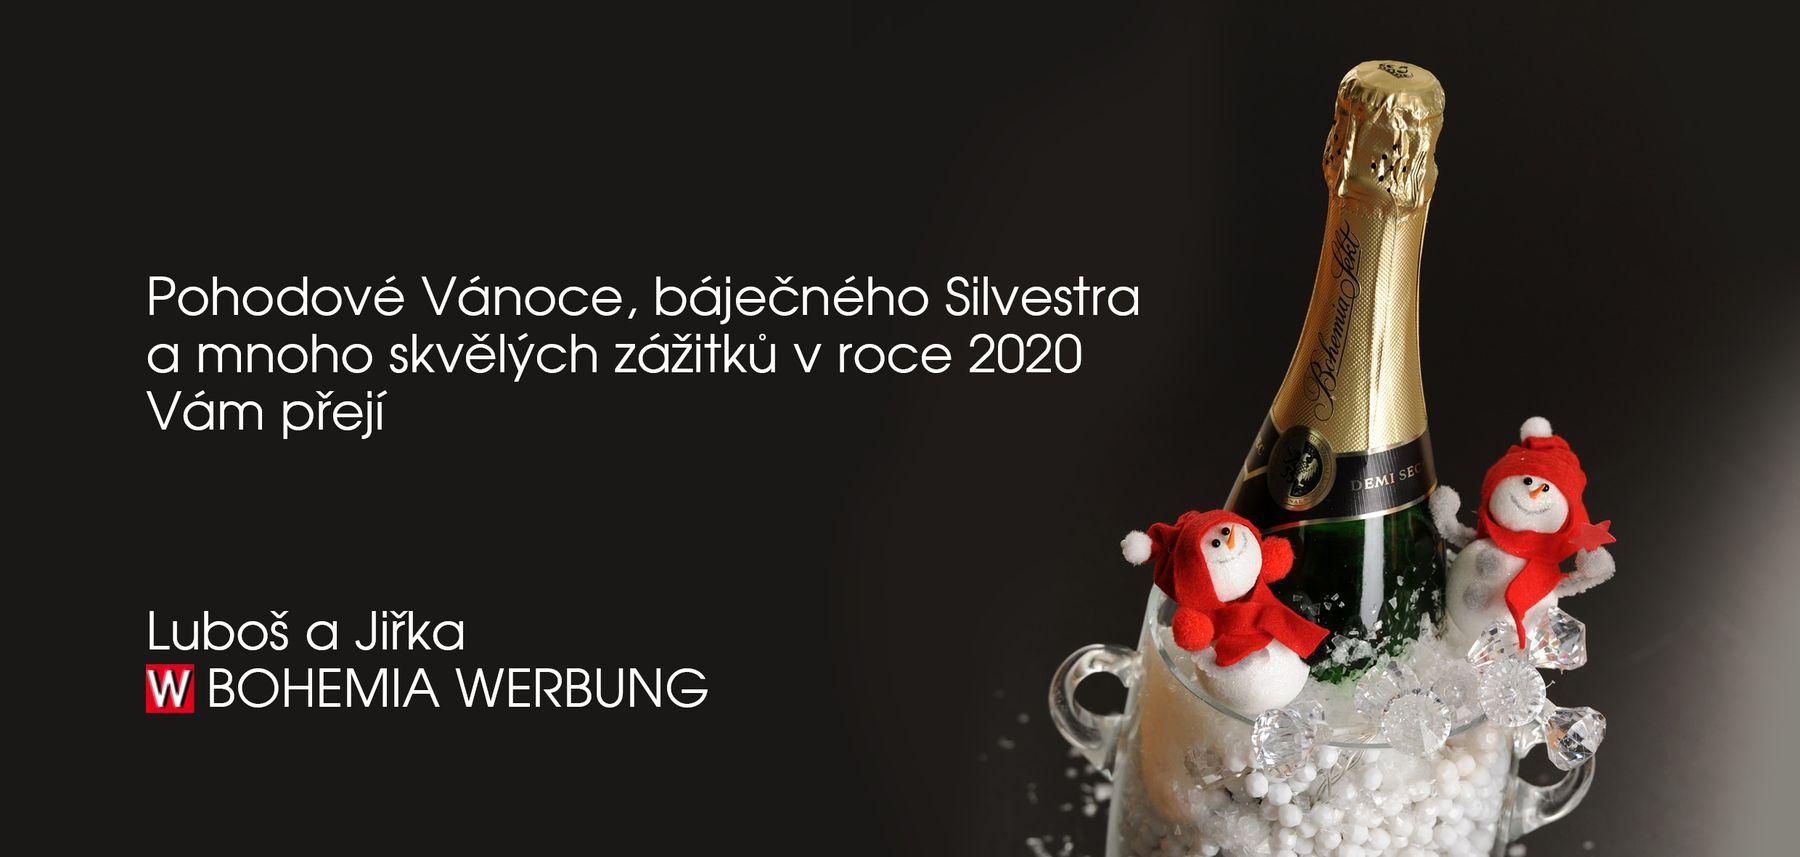 PF 2020 BOHEMIA WERBUNG, s.r.o.